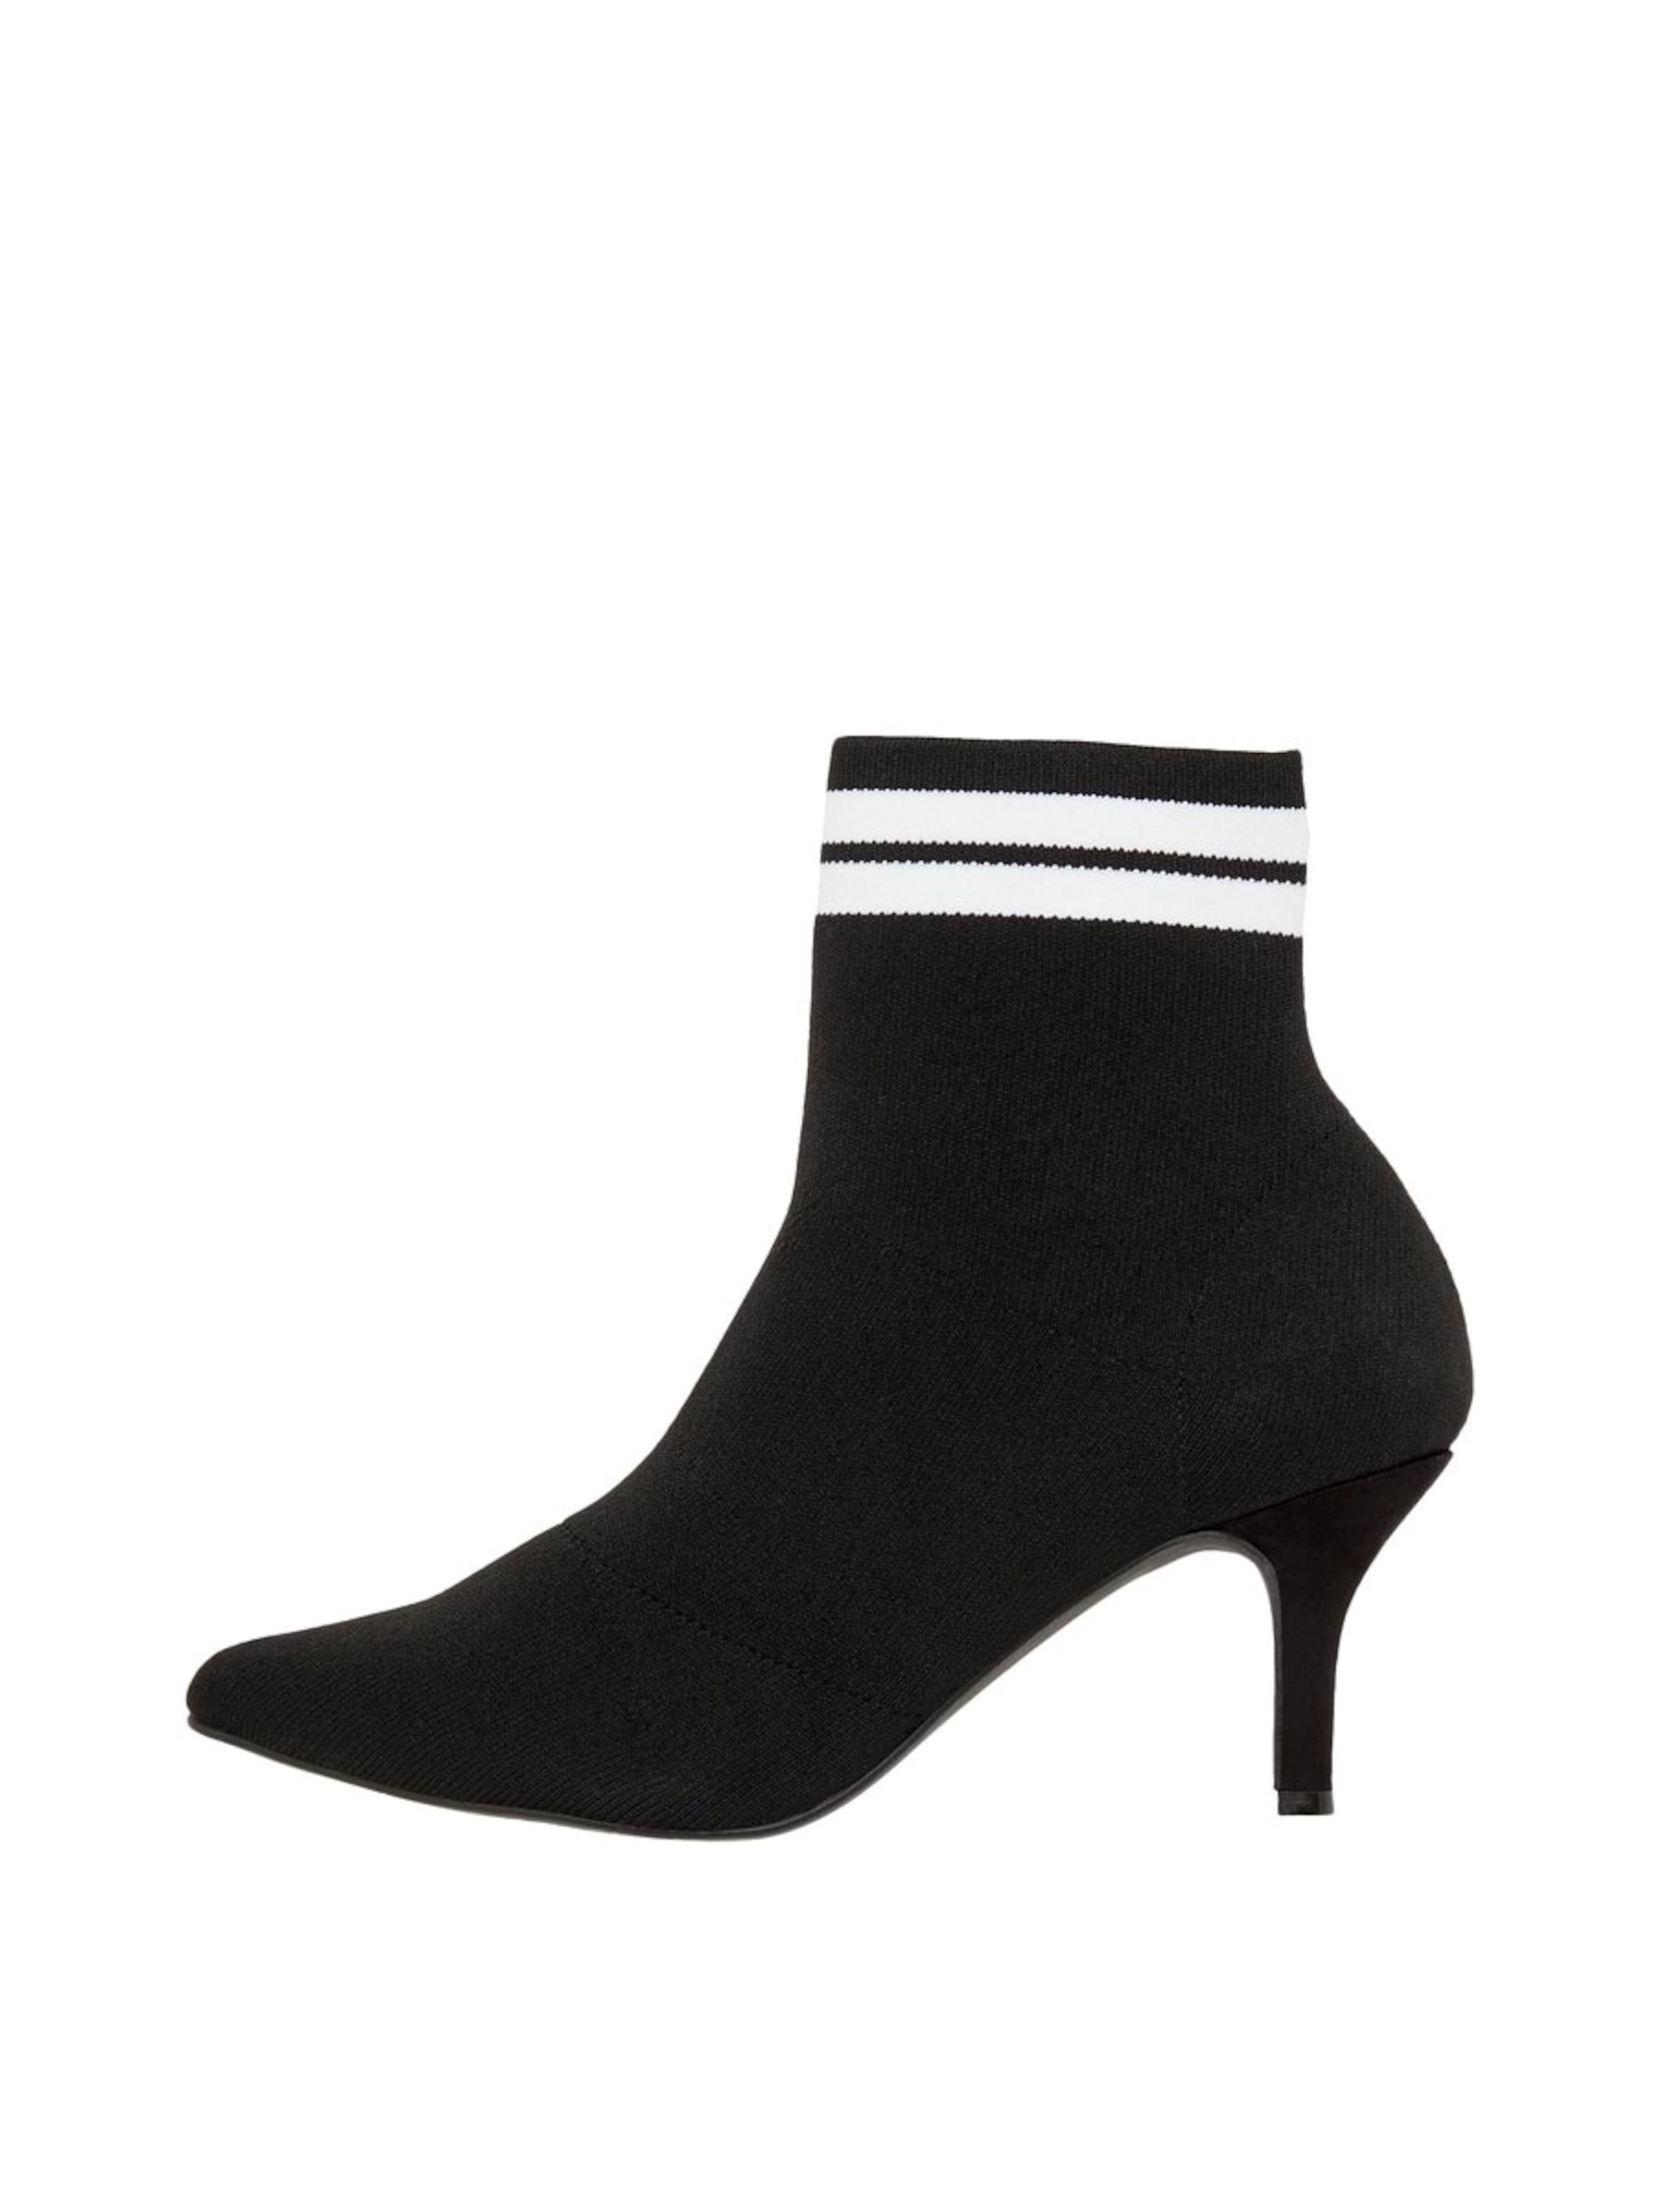 Bianco Stiefeletten in schwarz weiß 4921cbgkr7682 Schuhe